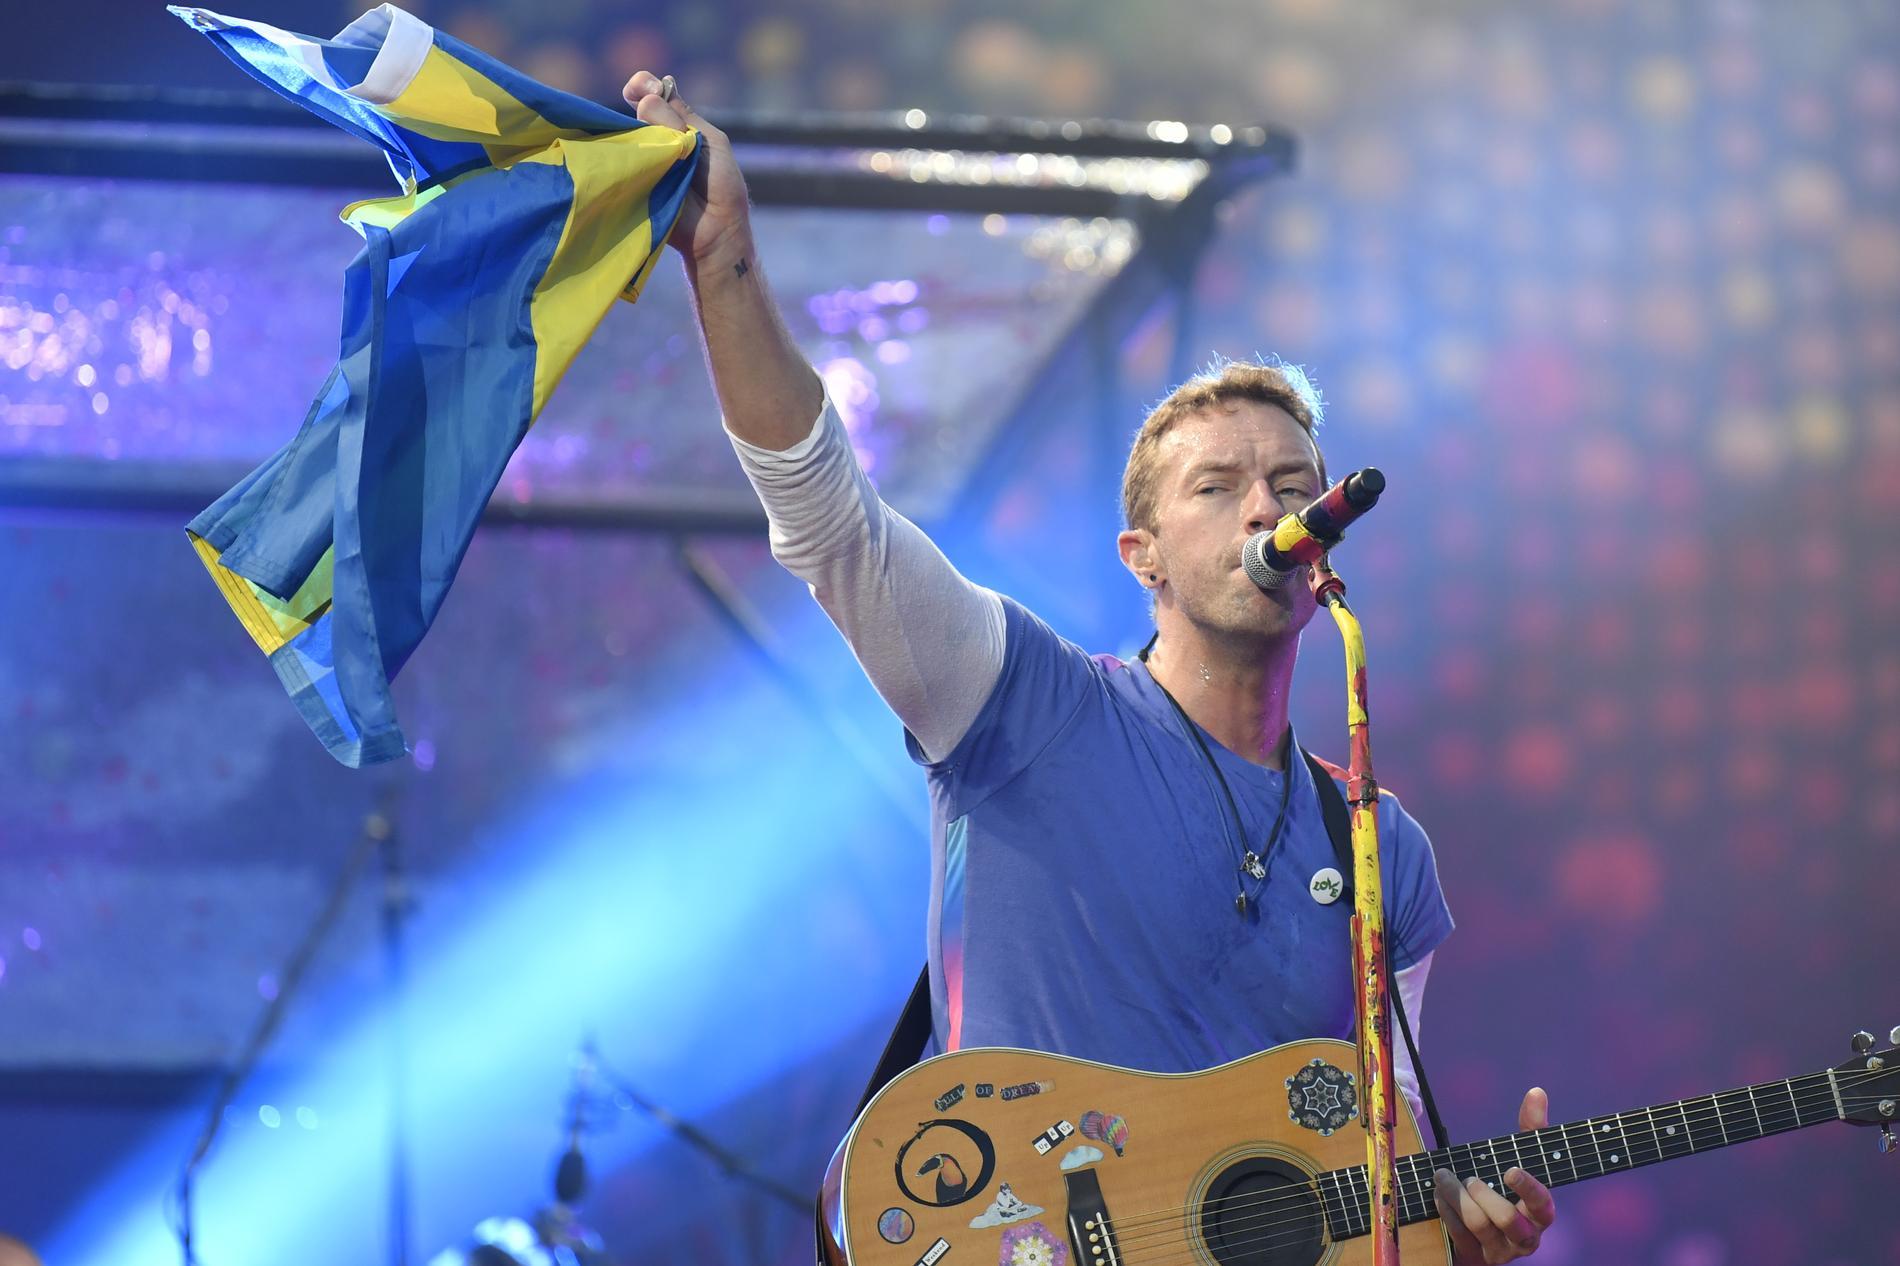 Chris Martin lyfter en svensk flagga under en spelning på Ullevi i Göteborg 2017. Arkivbild.